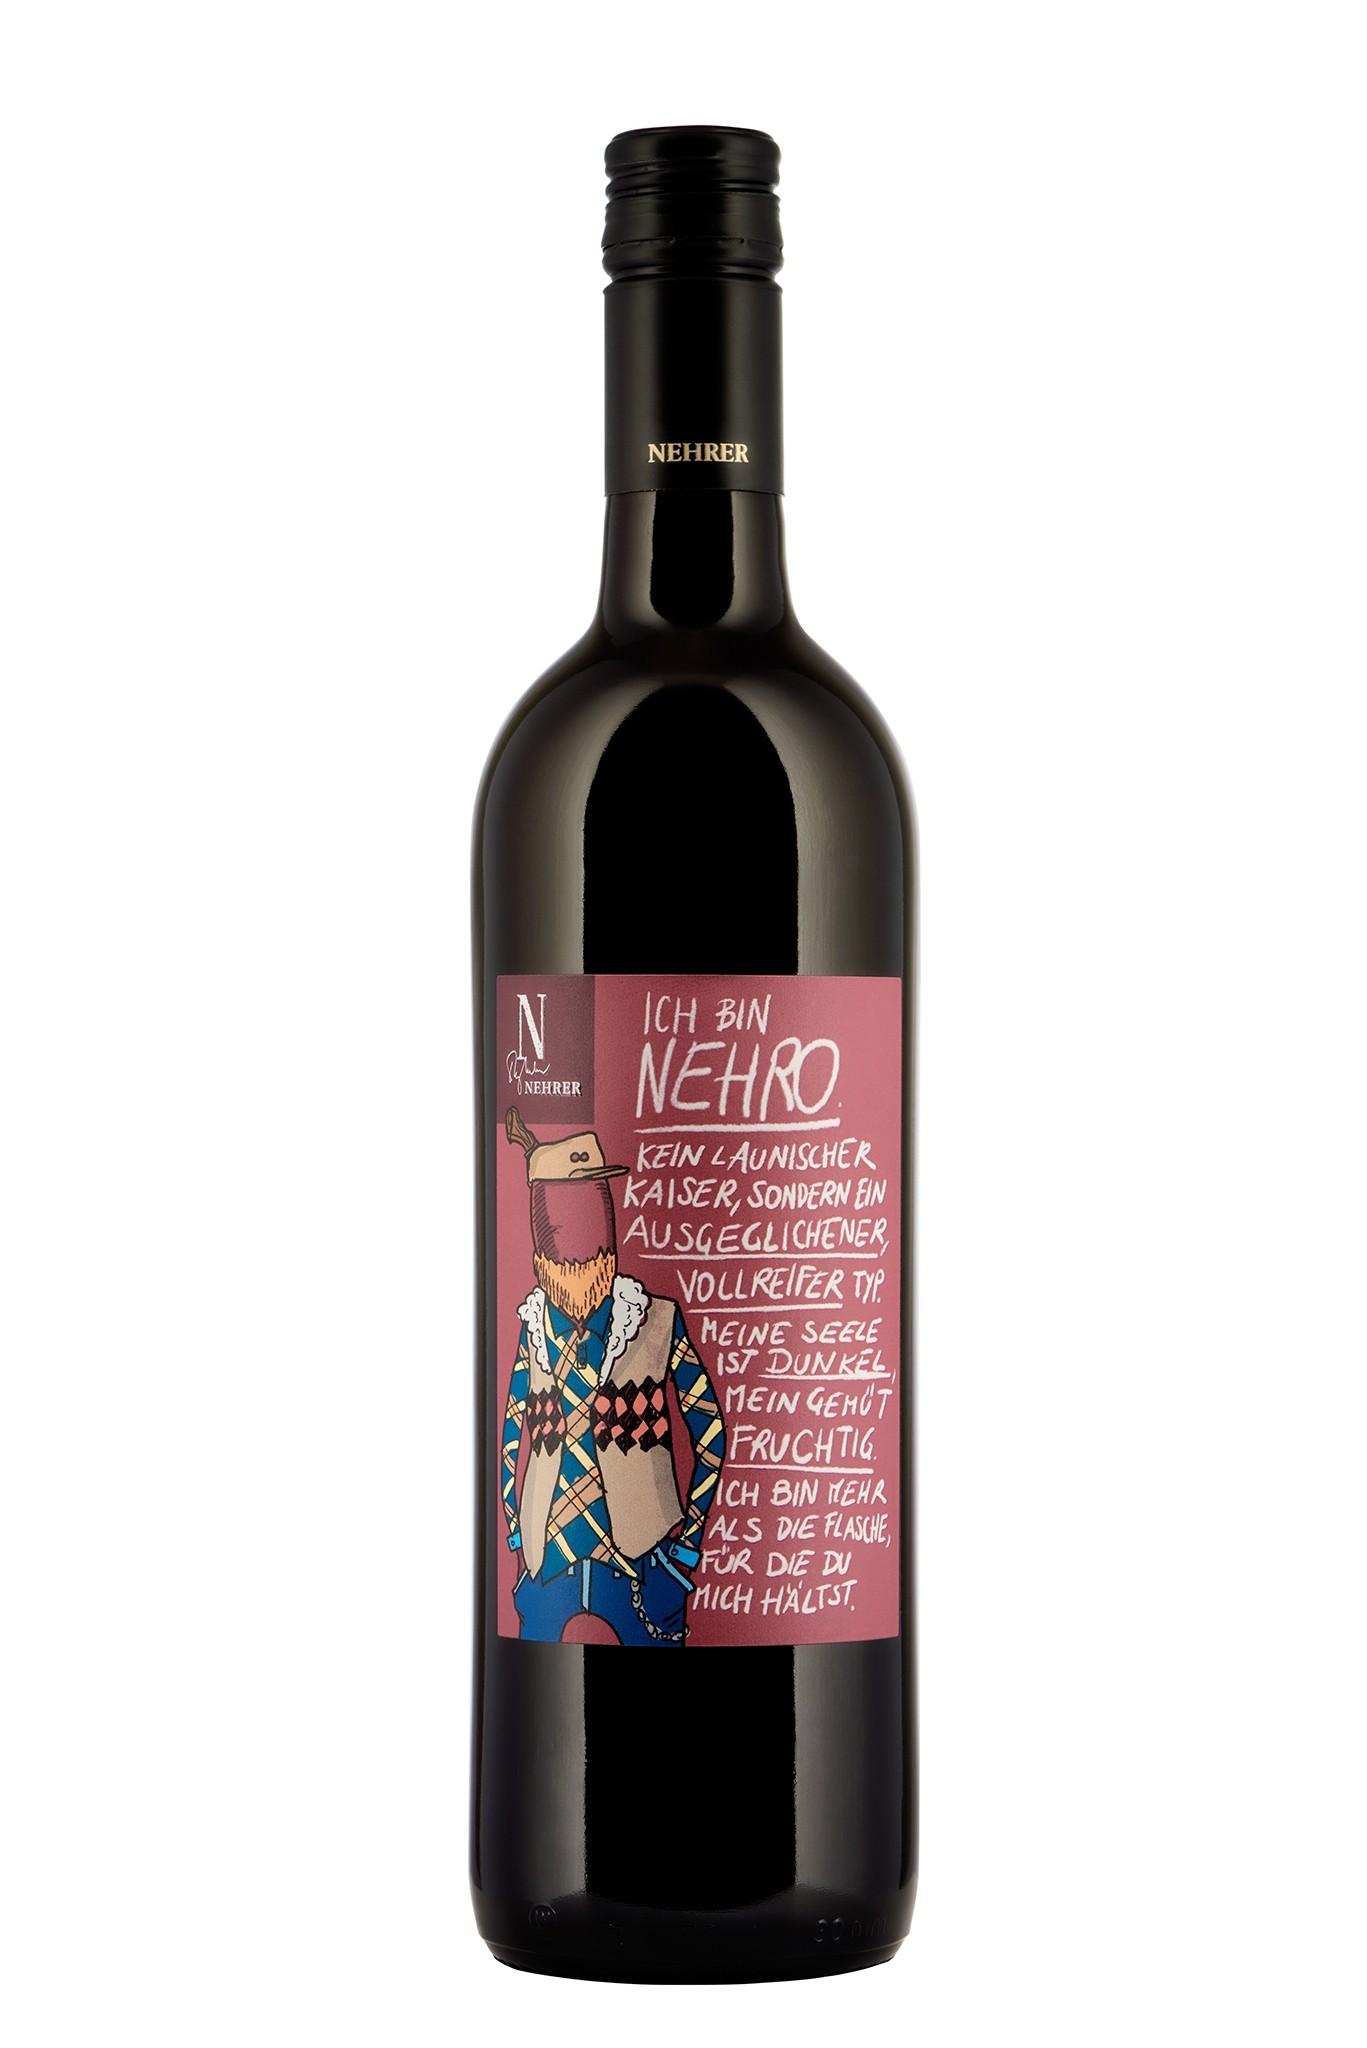 Nehrer - Cuvée Nehro, 2018